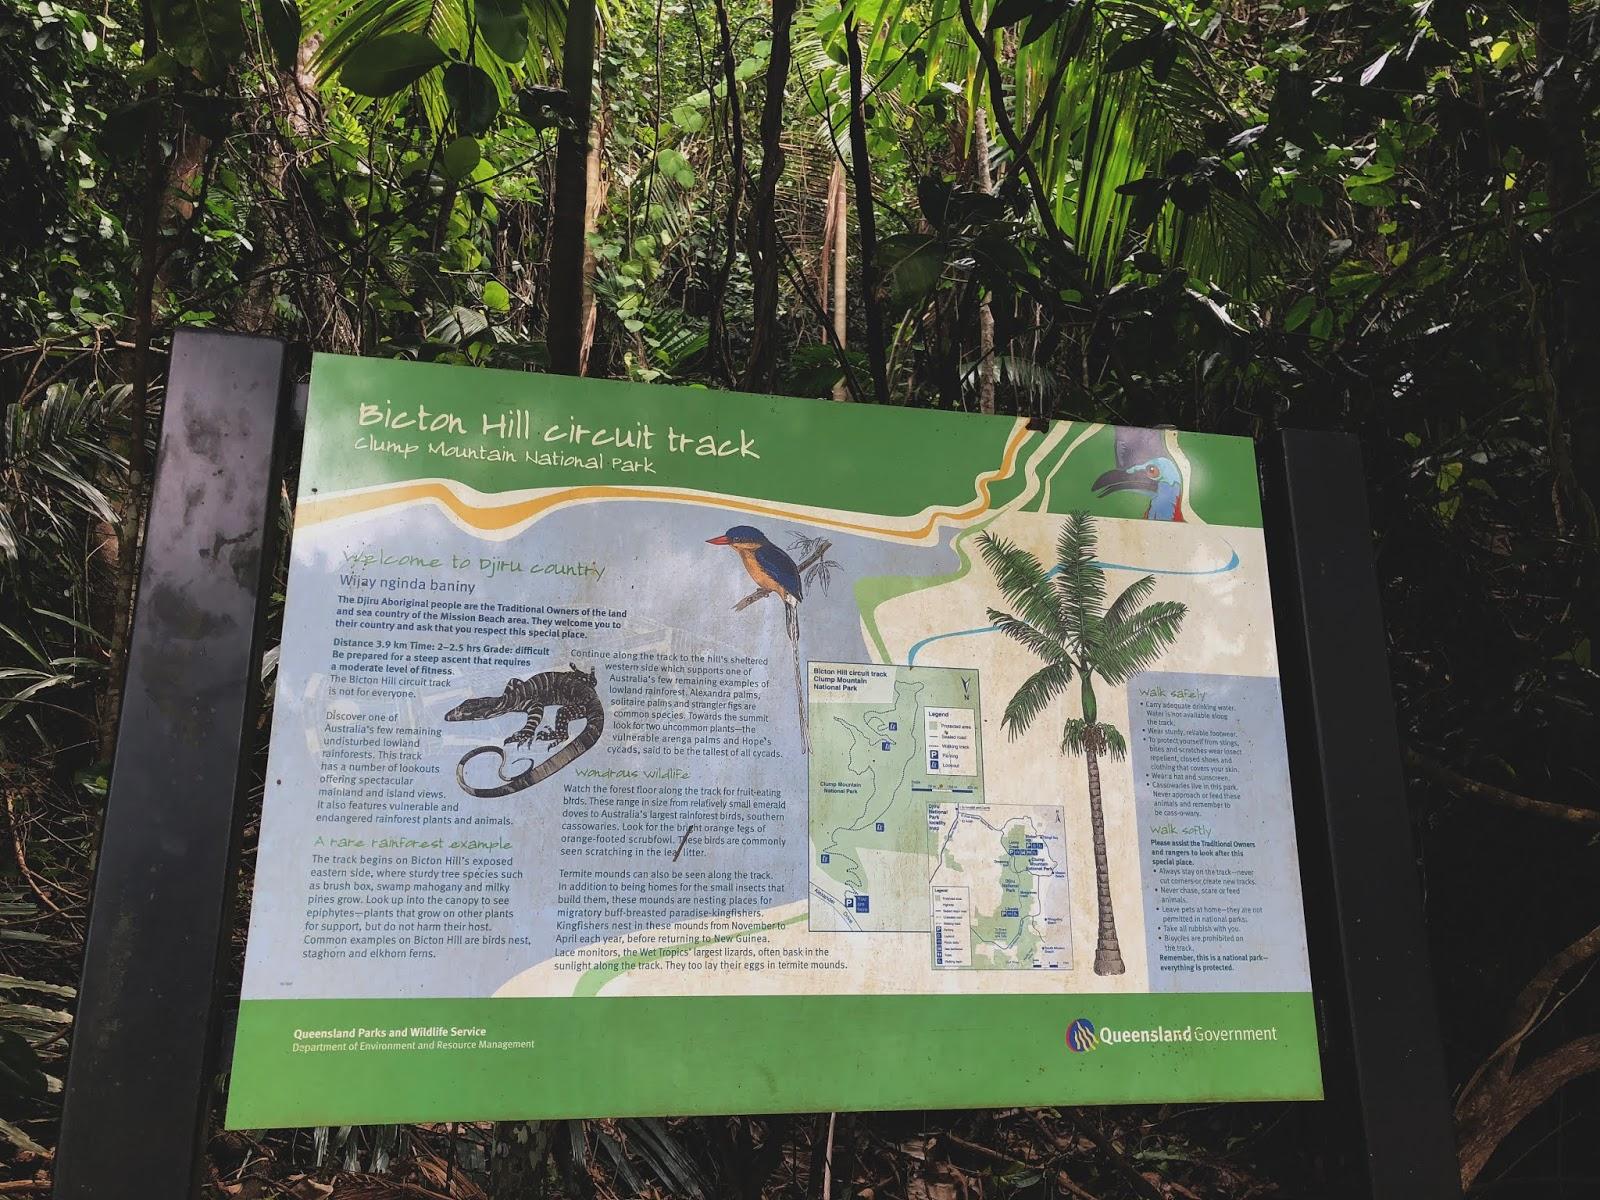 Tablica informacyjna w australijskim miasteczku Mission Beach przed ścieżką do punktu widokowego.